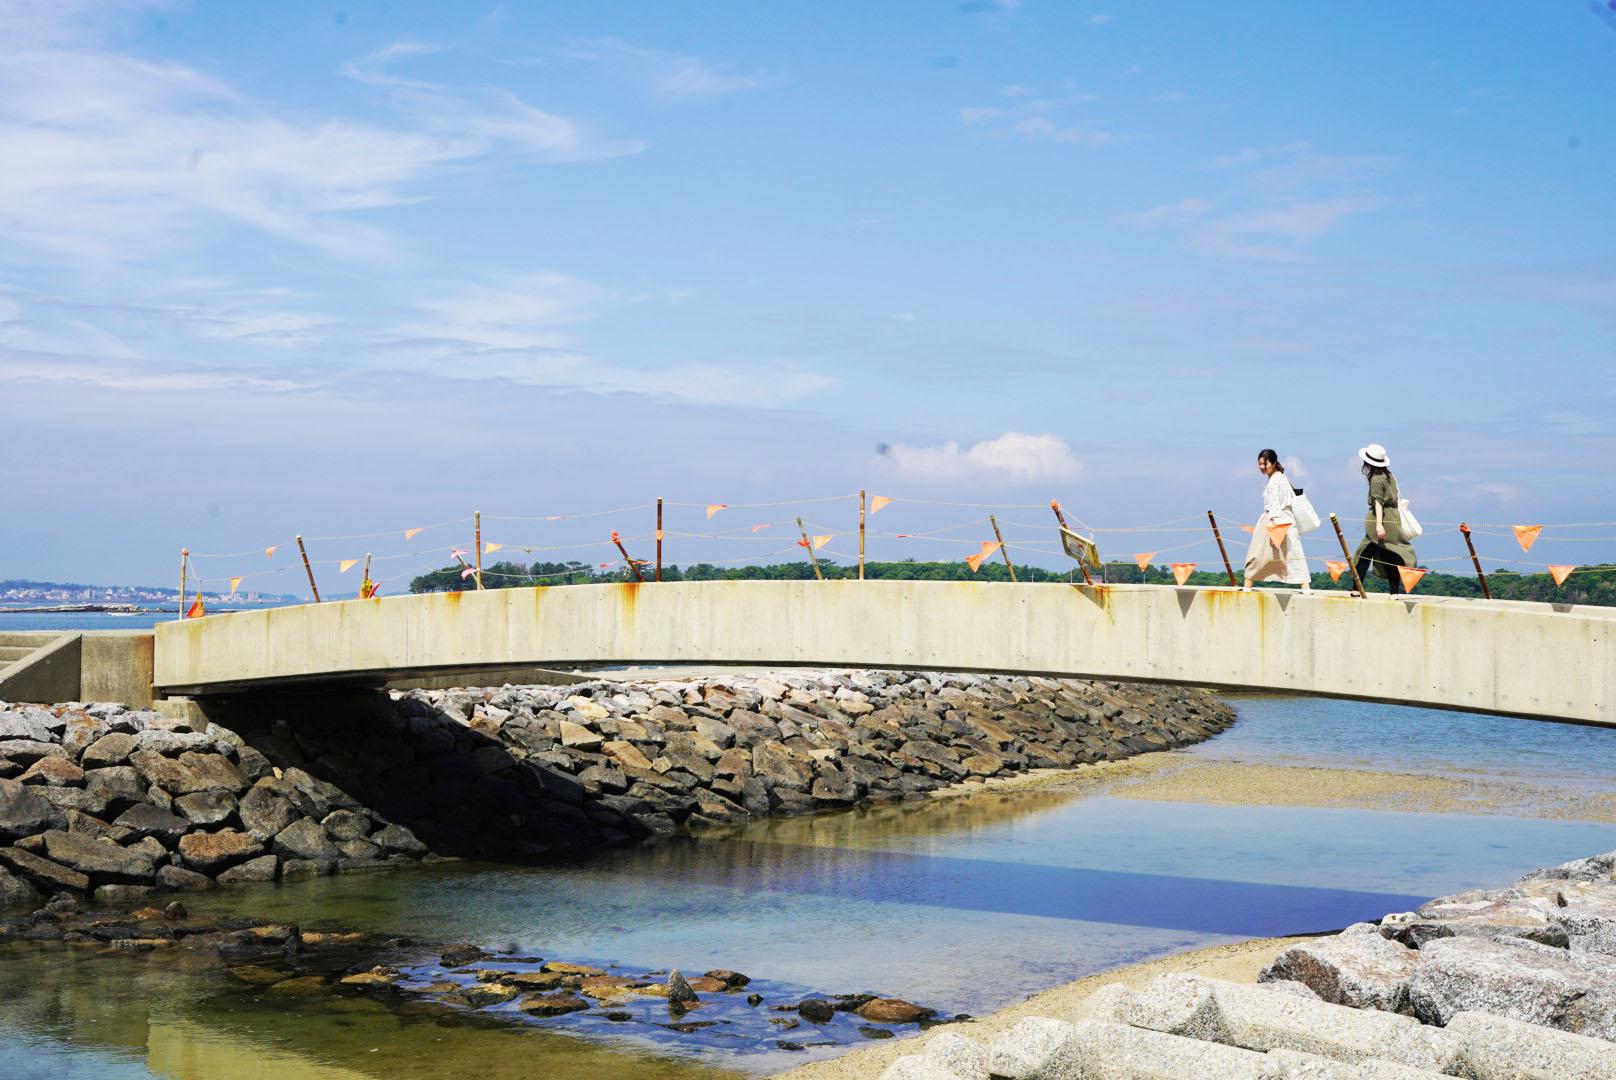 海の絶景を満喫!〜アートの島「佐久島」でインスタ映えスポットを巡る旅(前編)〜 - LRG DSC08098 1